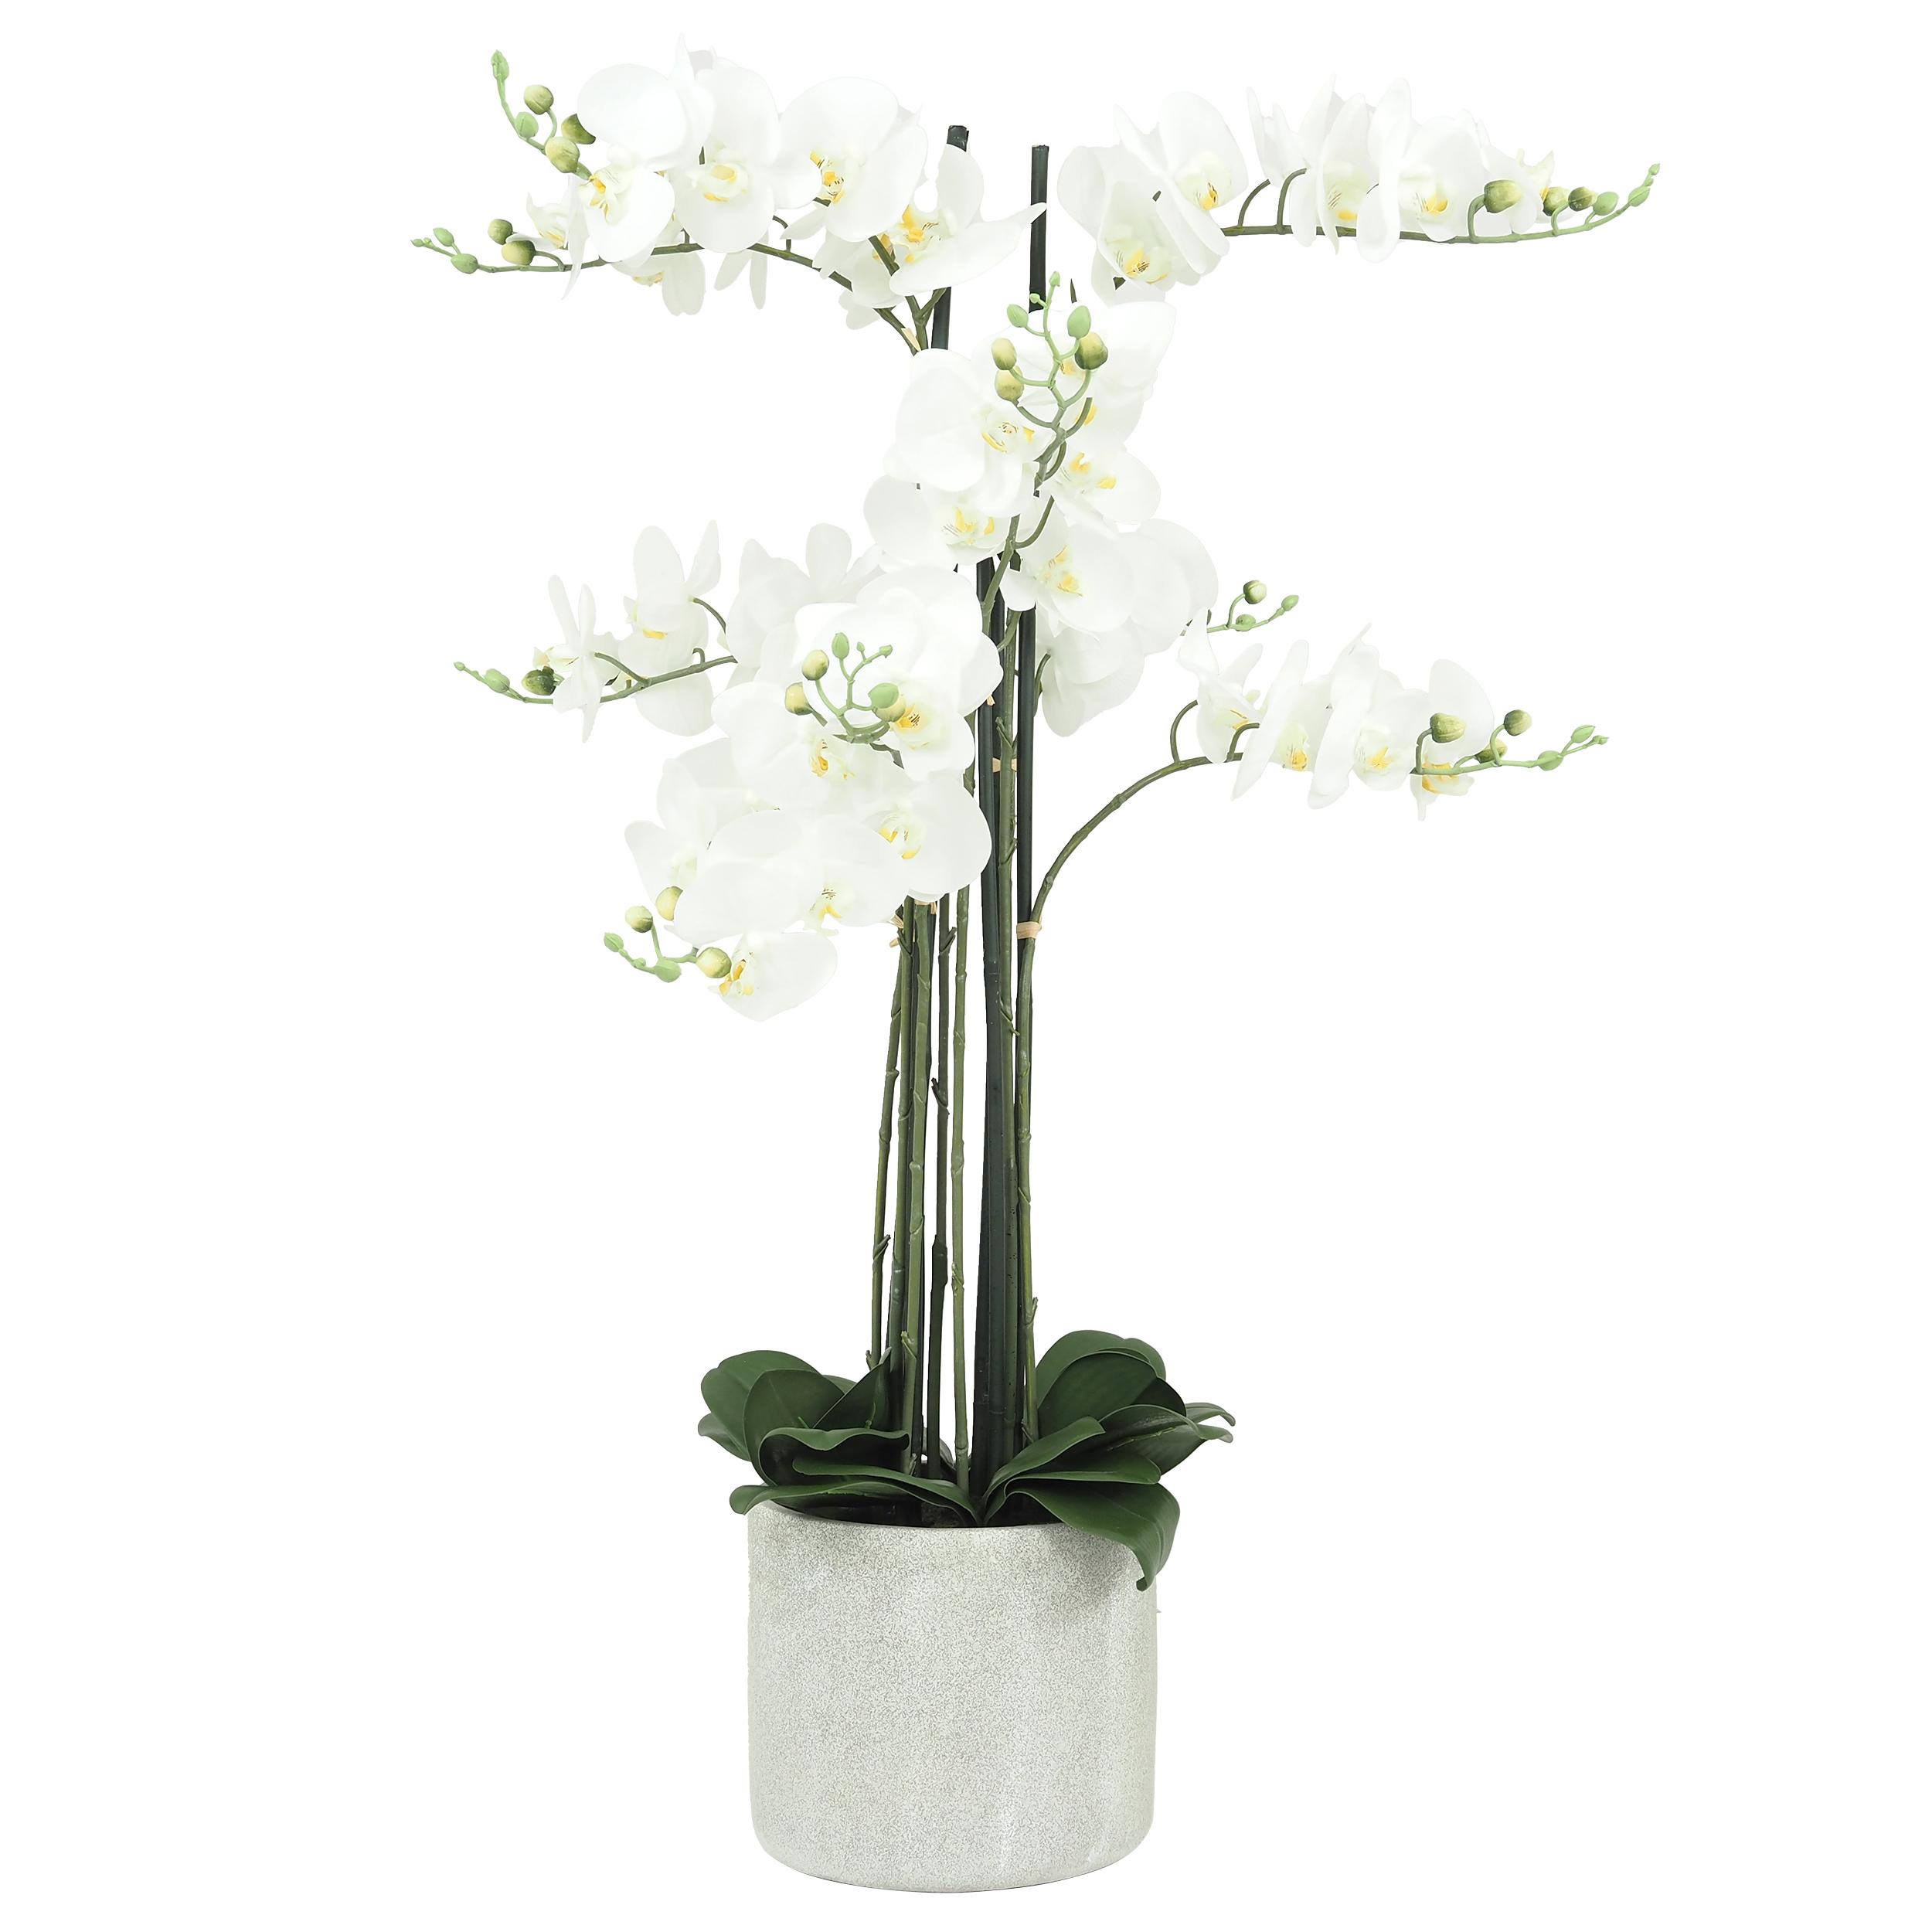 Orchidée blanche géante artificielle 9 branches pot ciment 105 cm